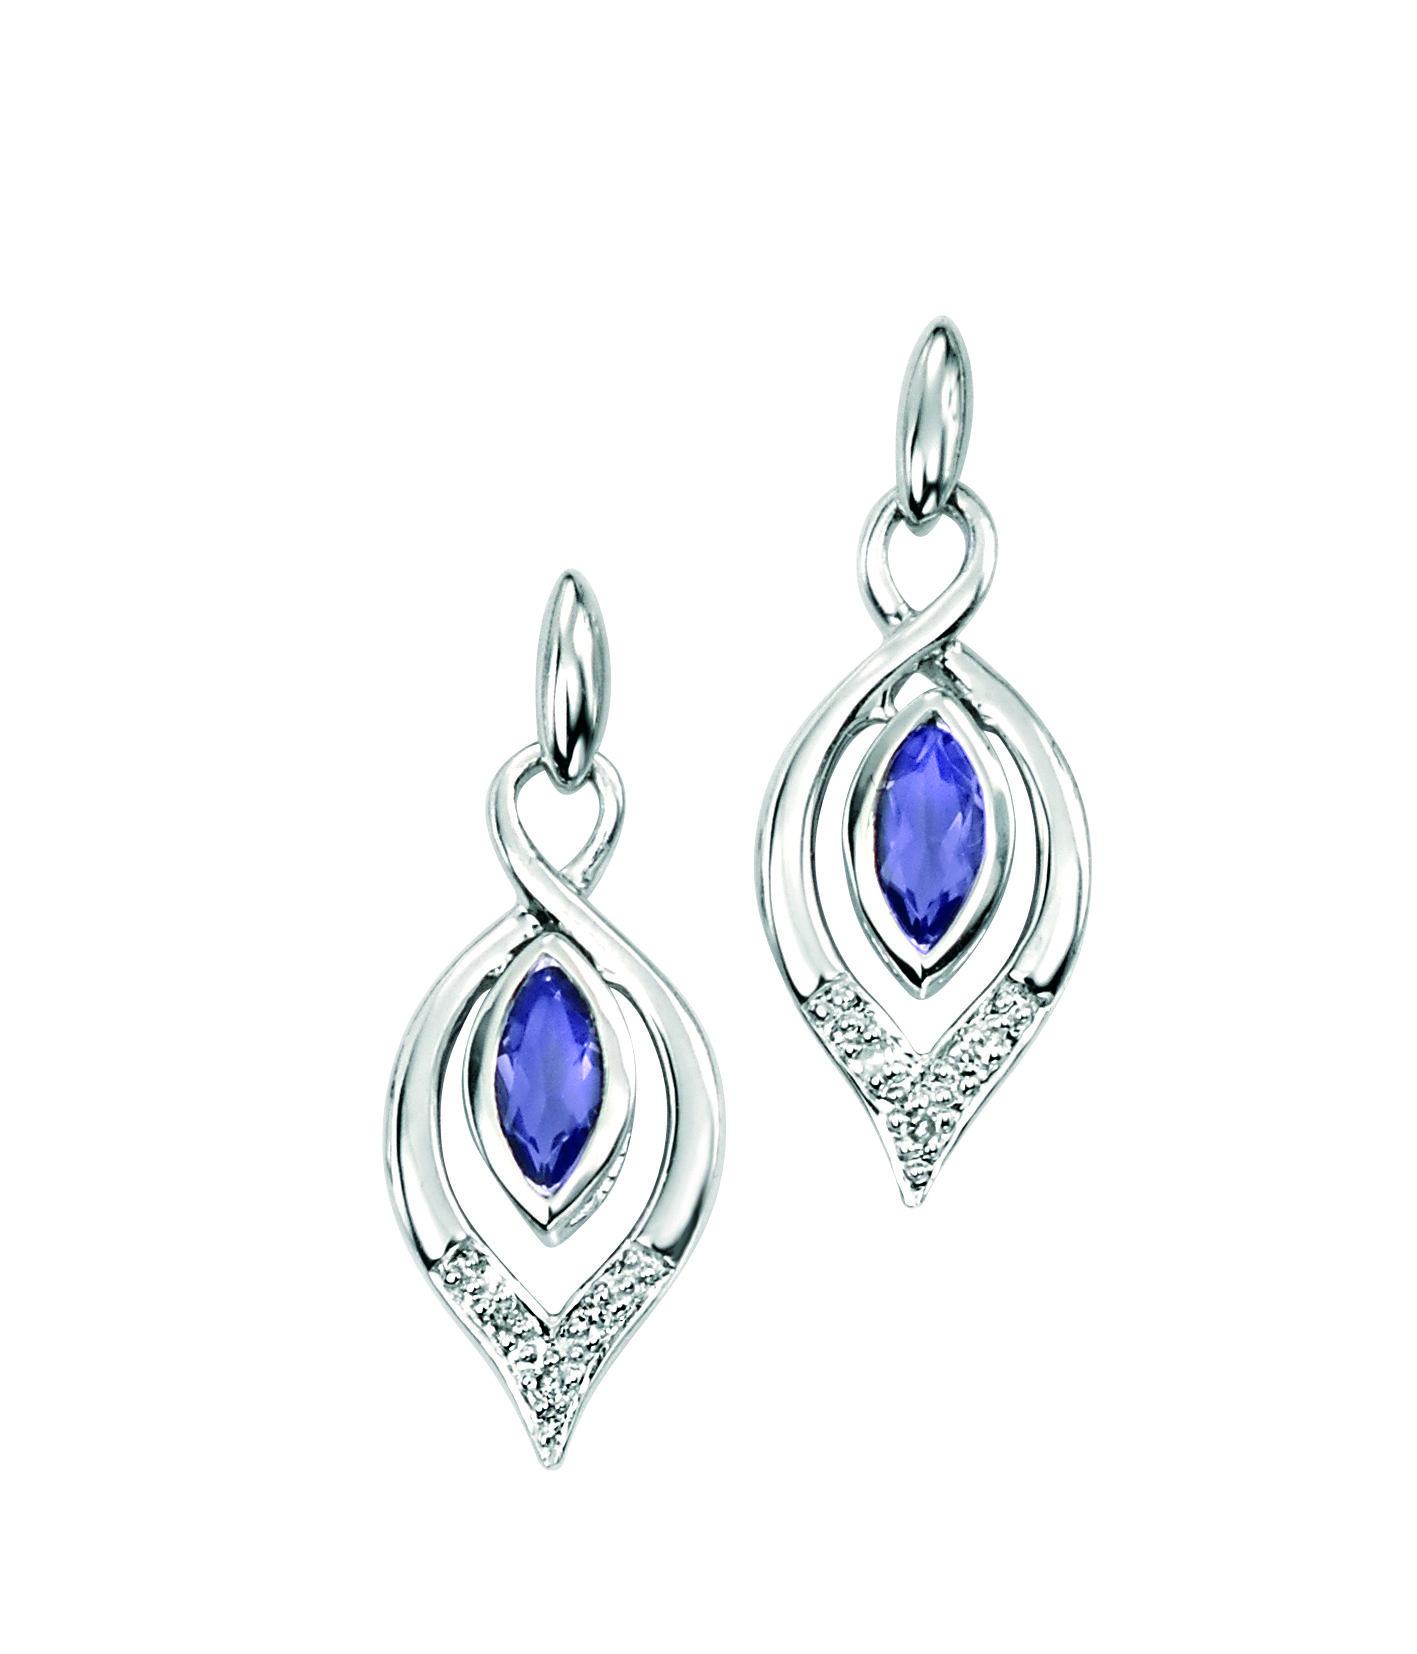 Kate Middleton Earrings  Kate Middleton's Wedding Earrings Ge697m – Girls  Love Pearls News